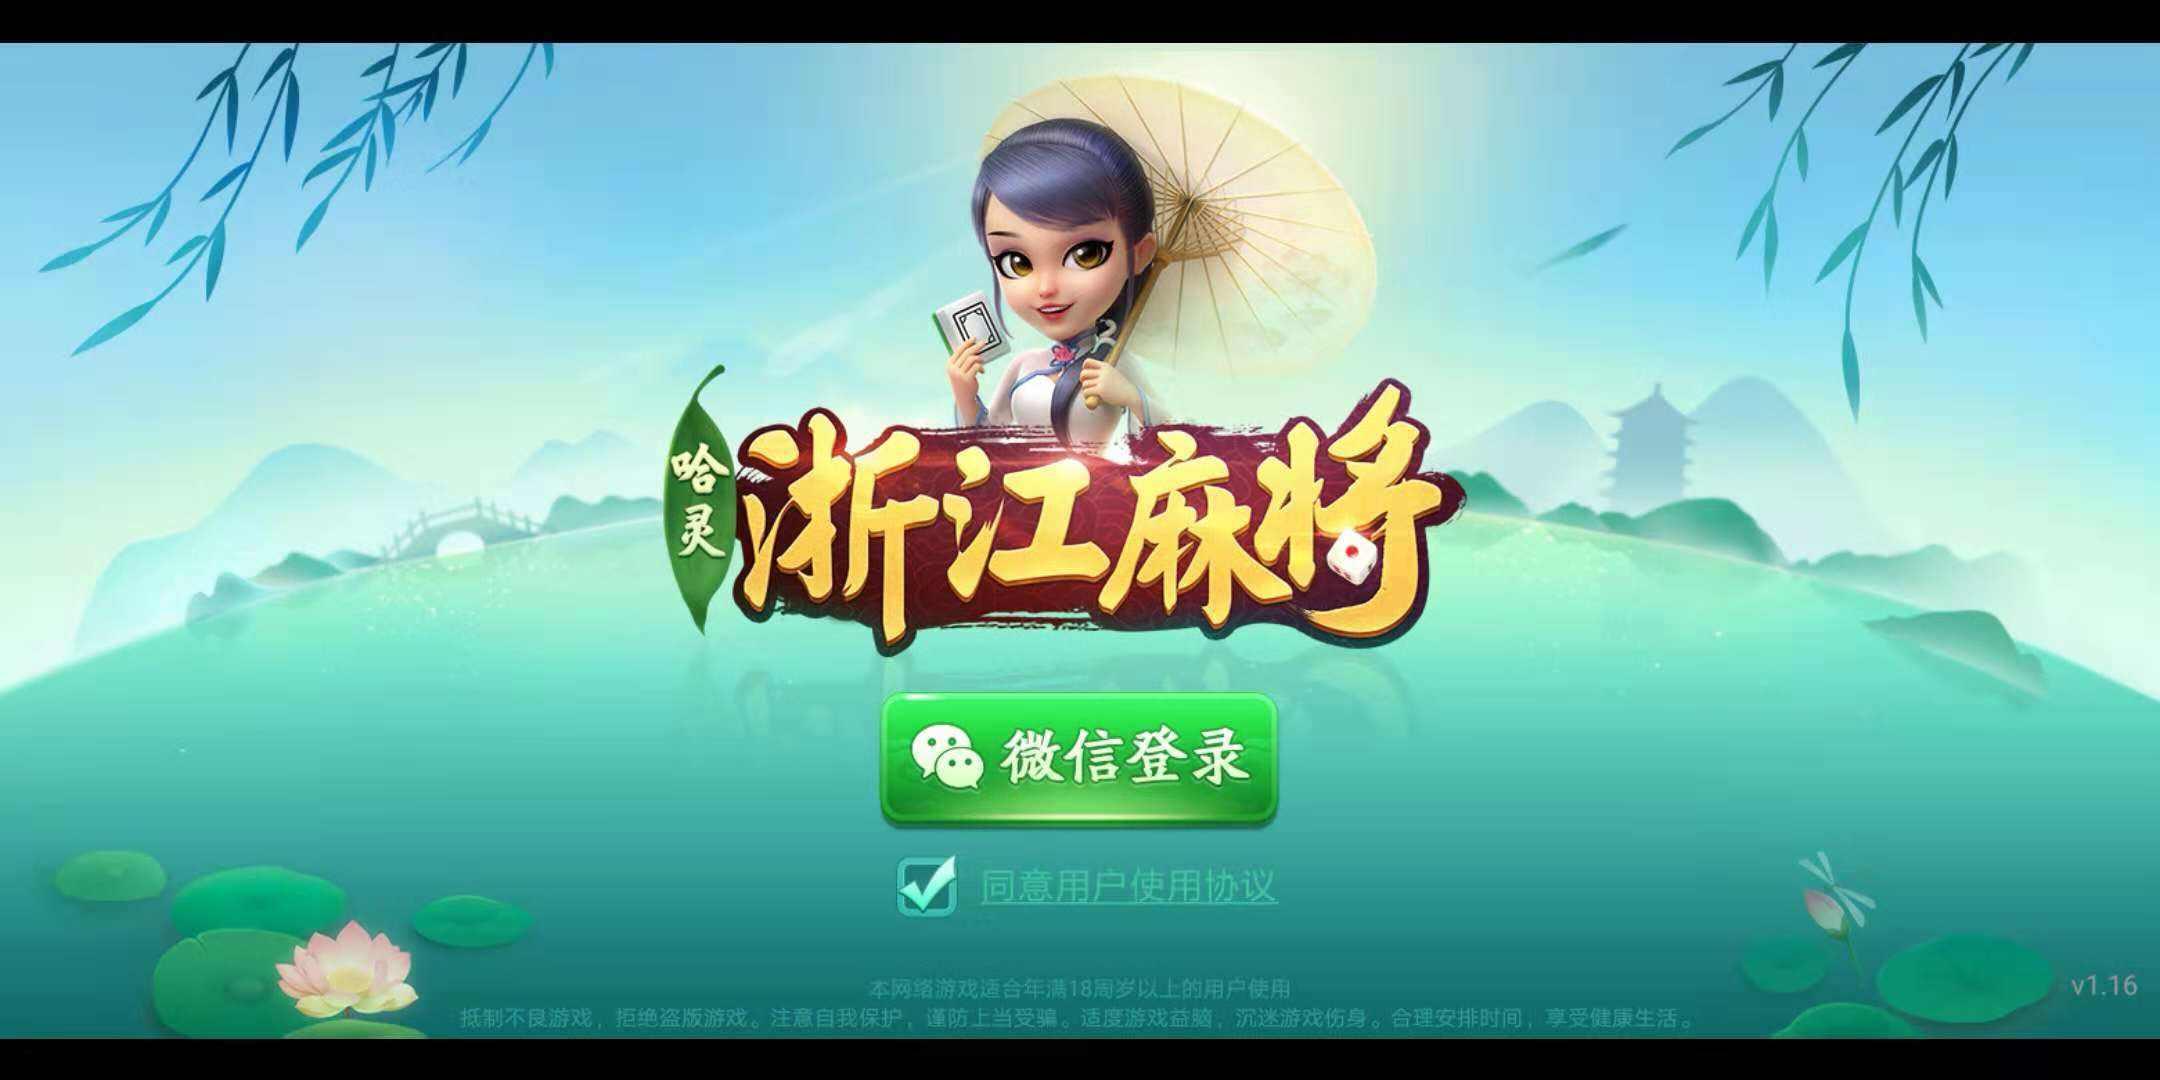 浙江棋牌游戏平台